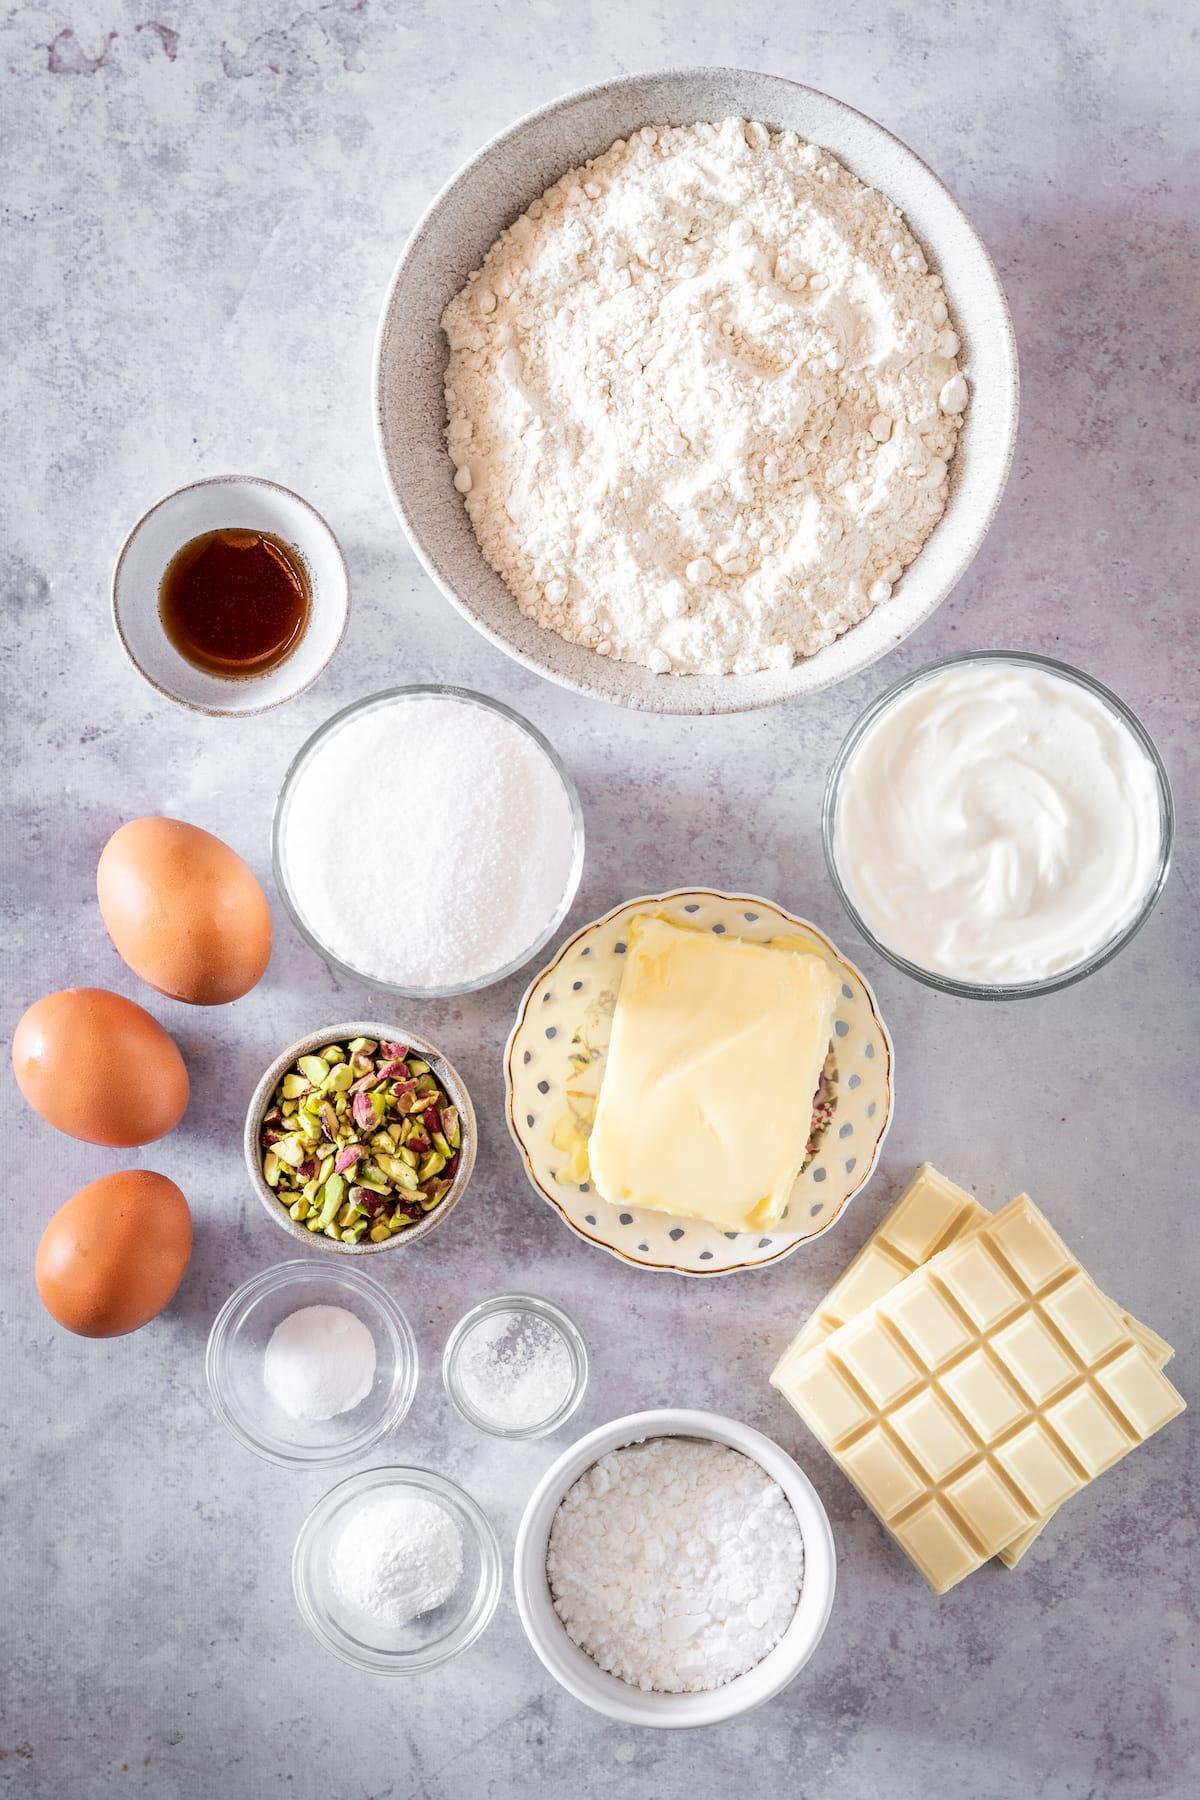 Overhead shot of Pistachio Cake ingredients